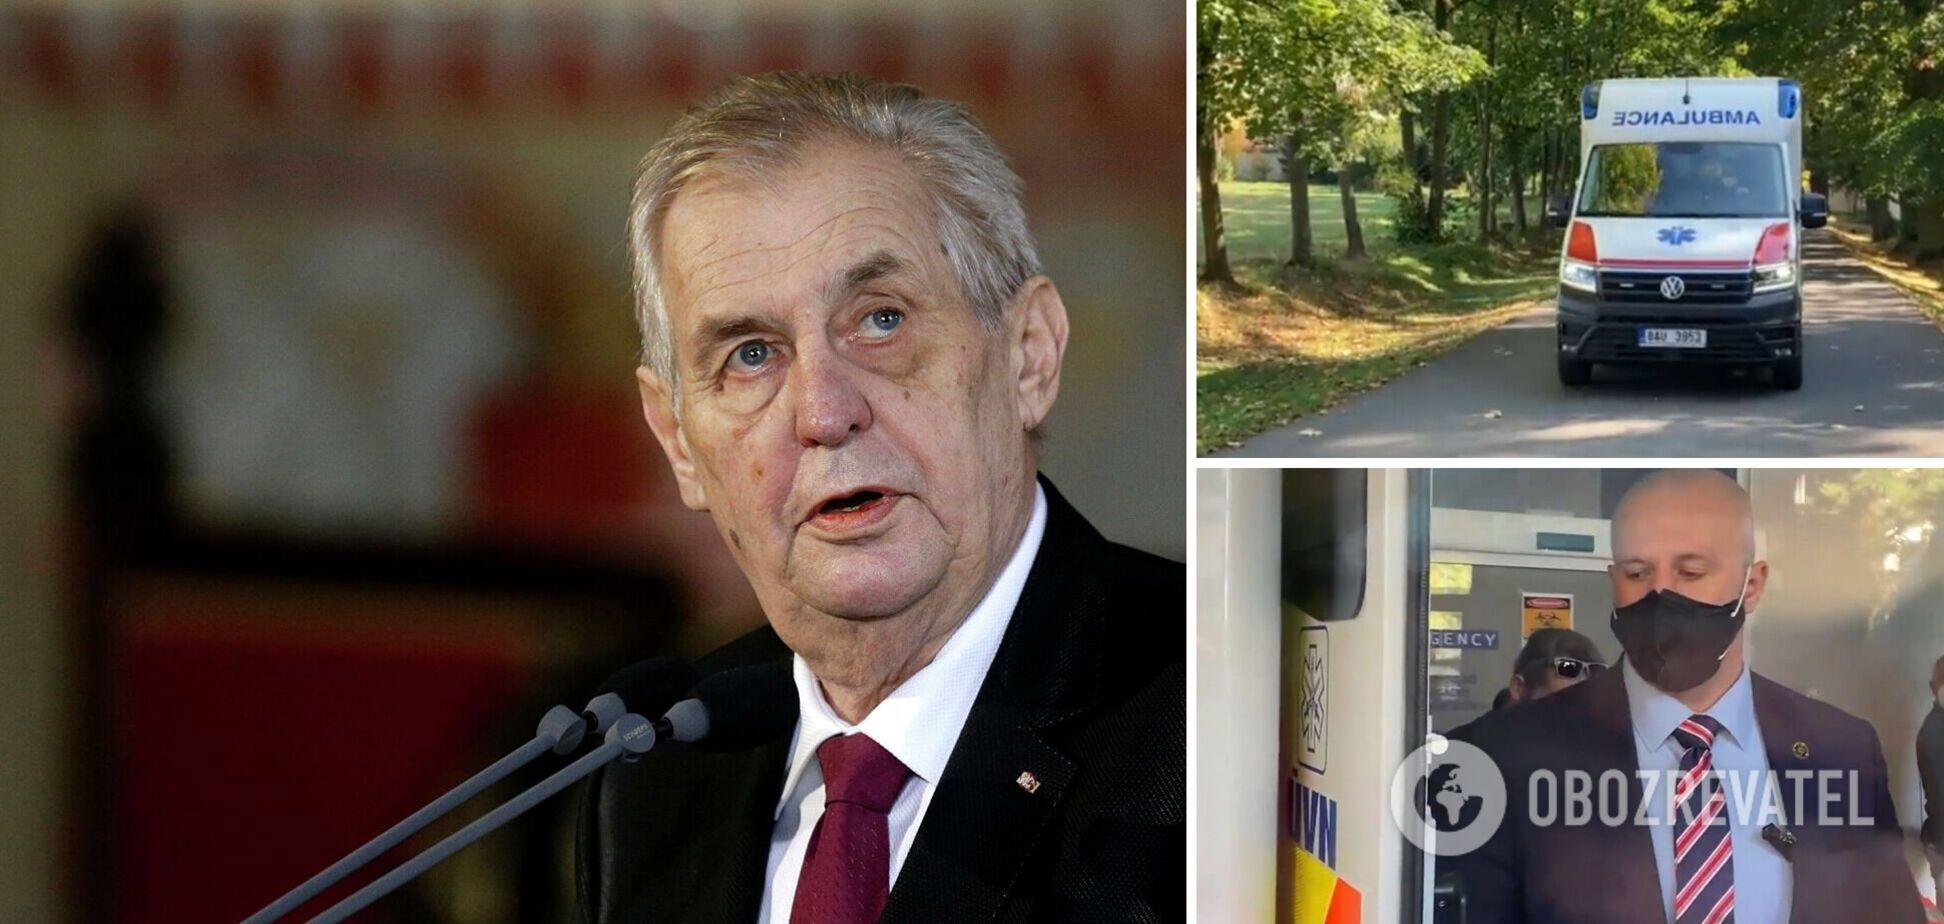 Президент Чехии попал в реанимацию: Сенат инициирует передачу полномочий главы страны. Видео